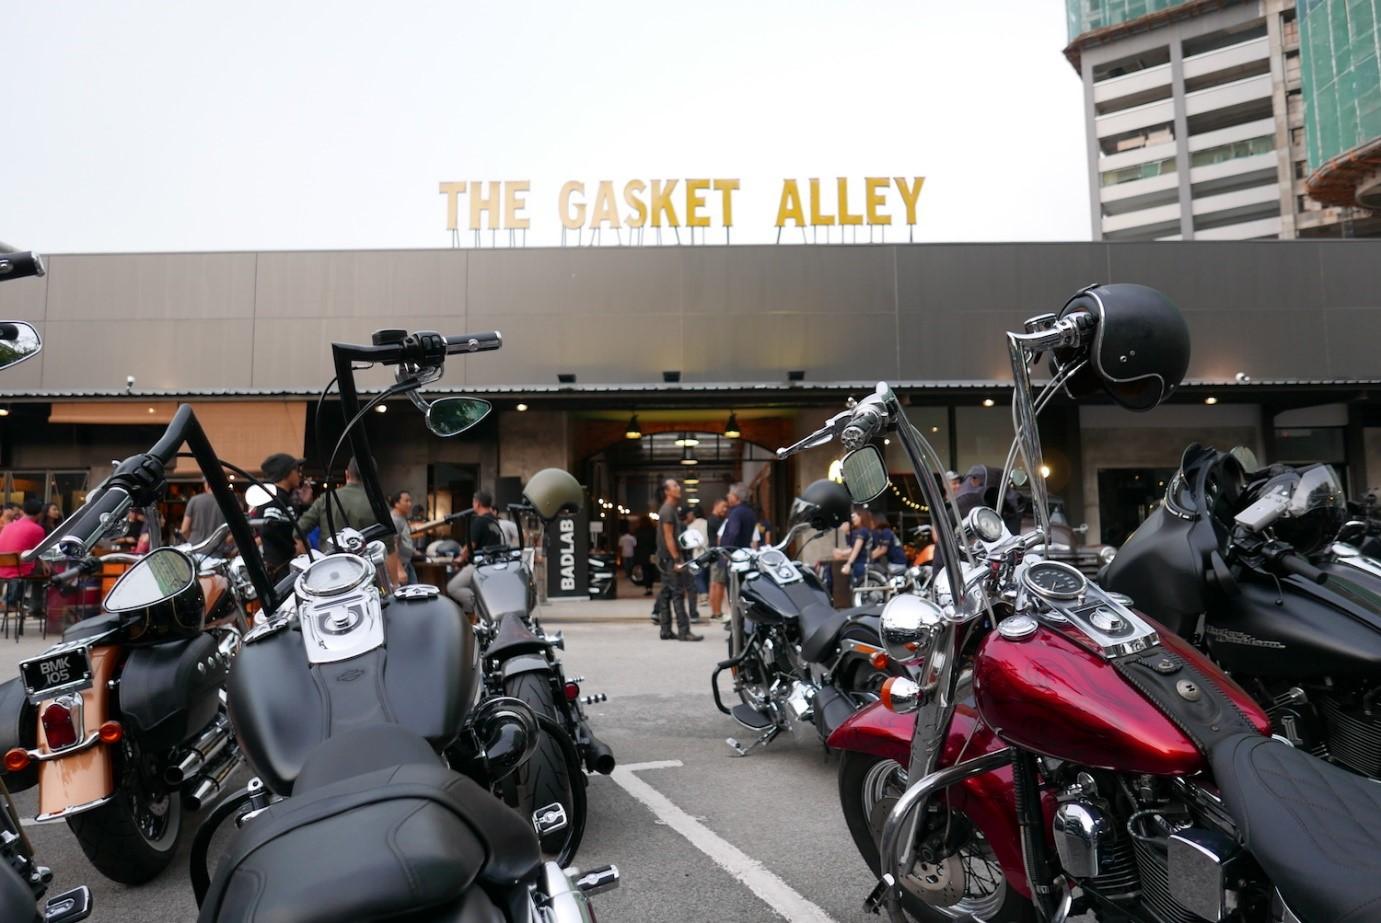 Image source:  https://fraldesign.com/portfolio/the-gasket-alley/